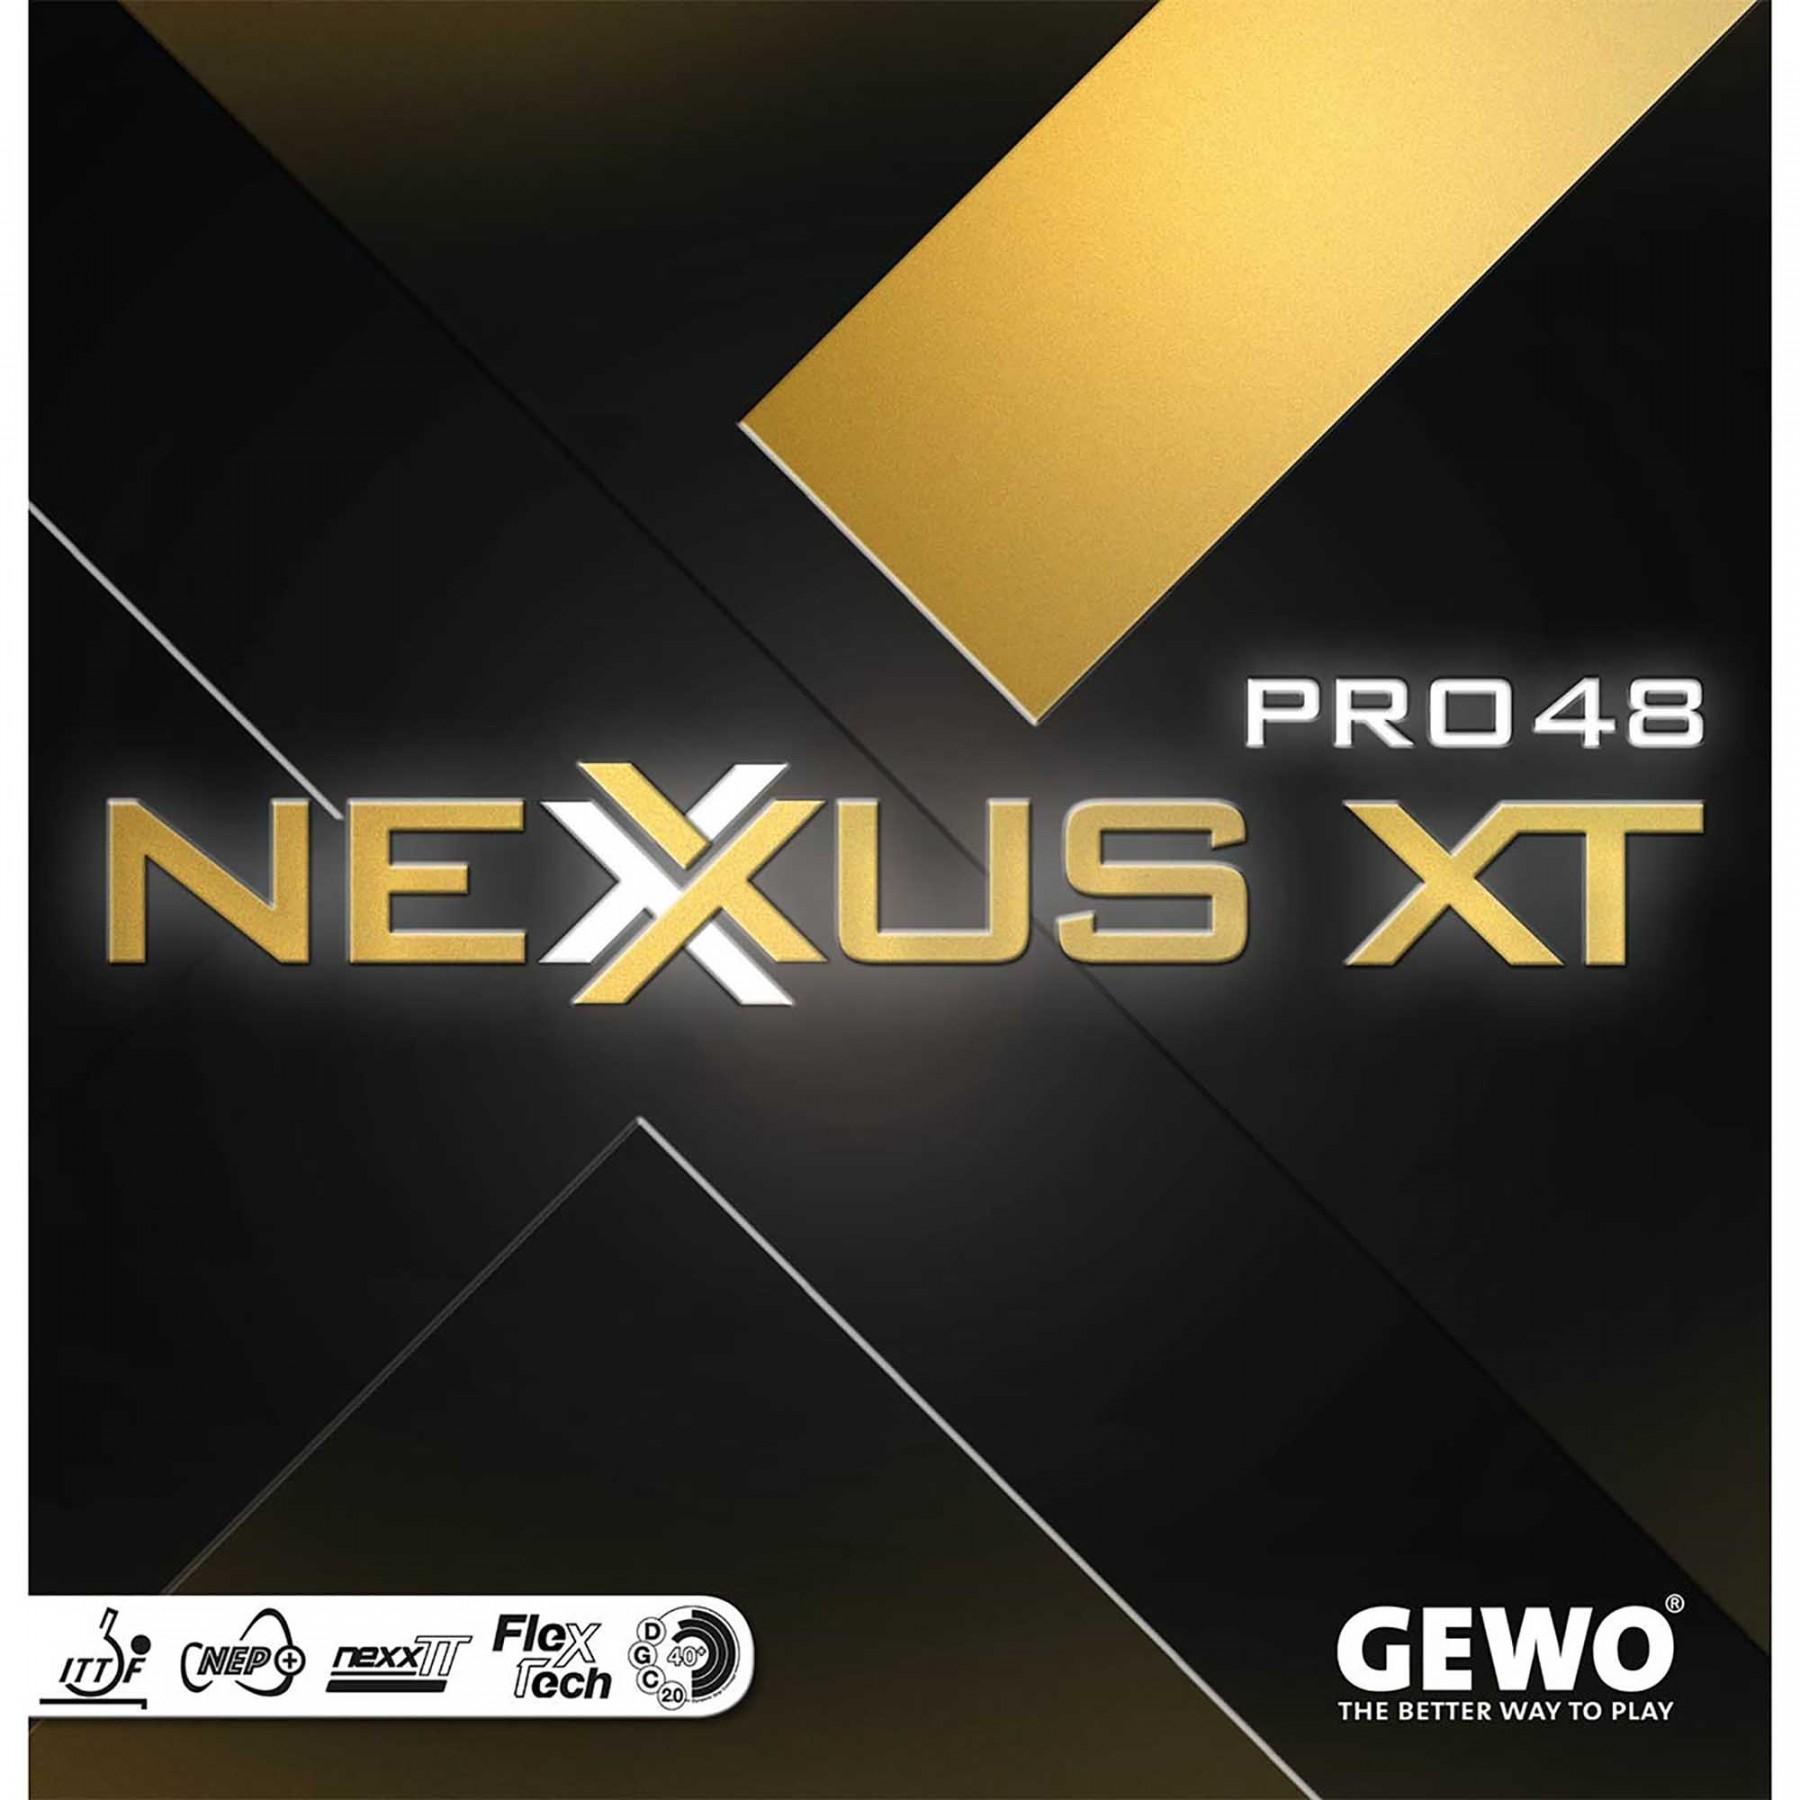 GEWO NEXUS XT PRO 48 블랙 러버